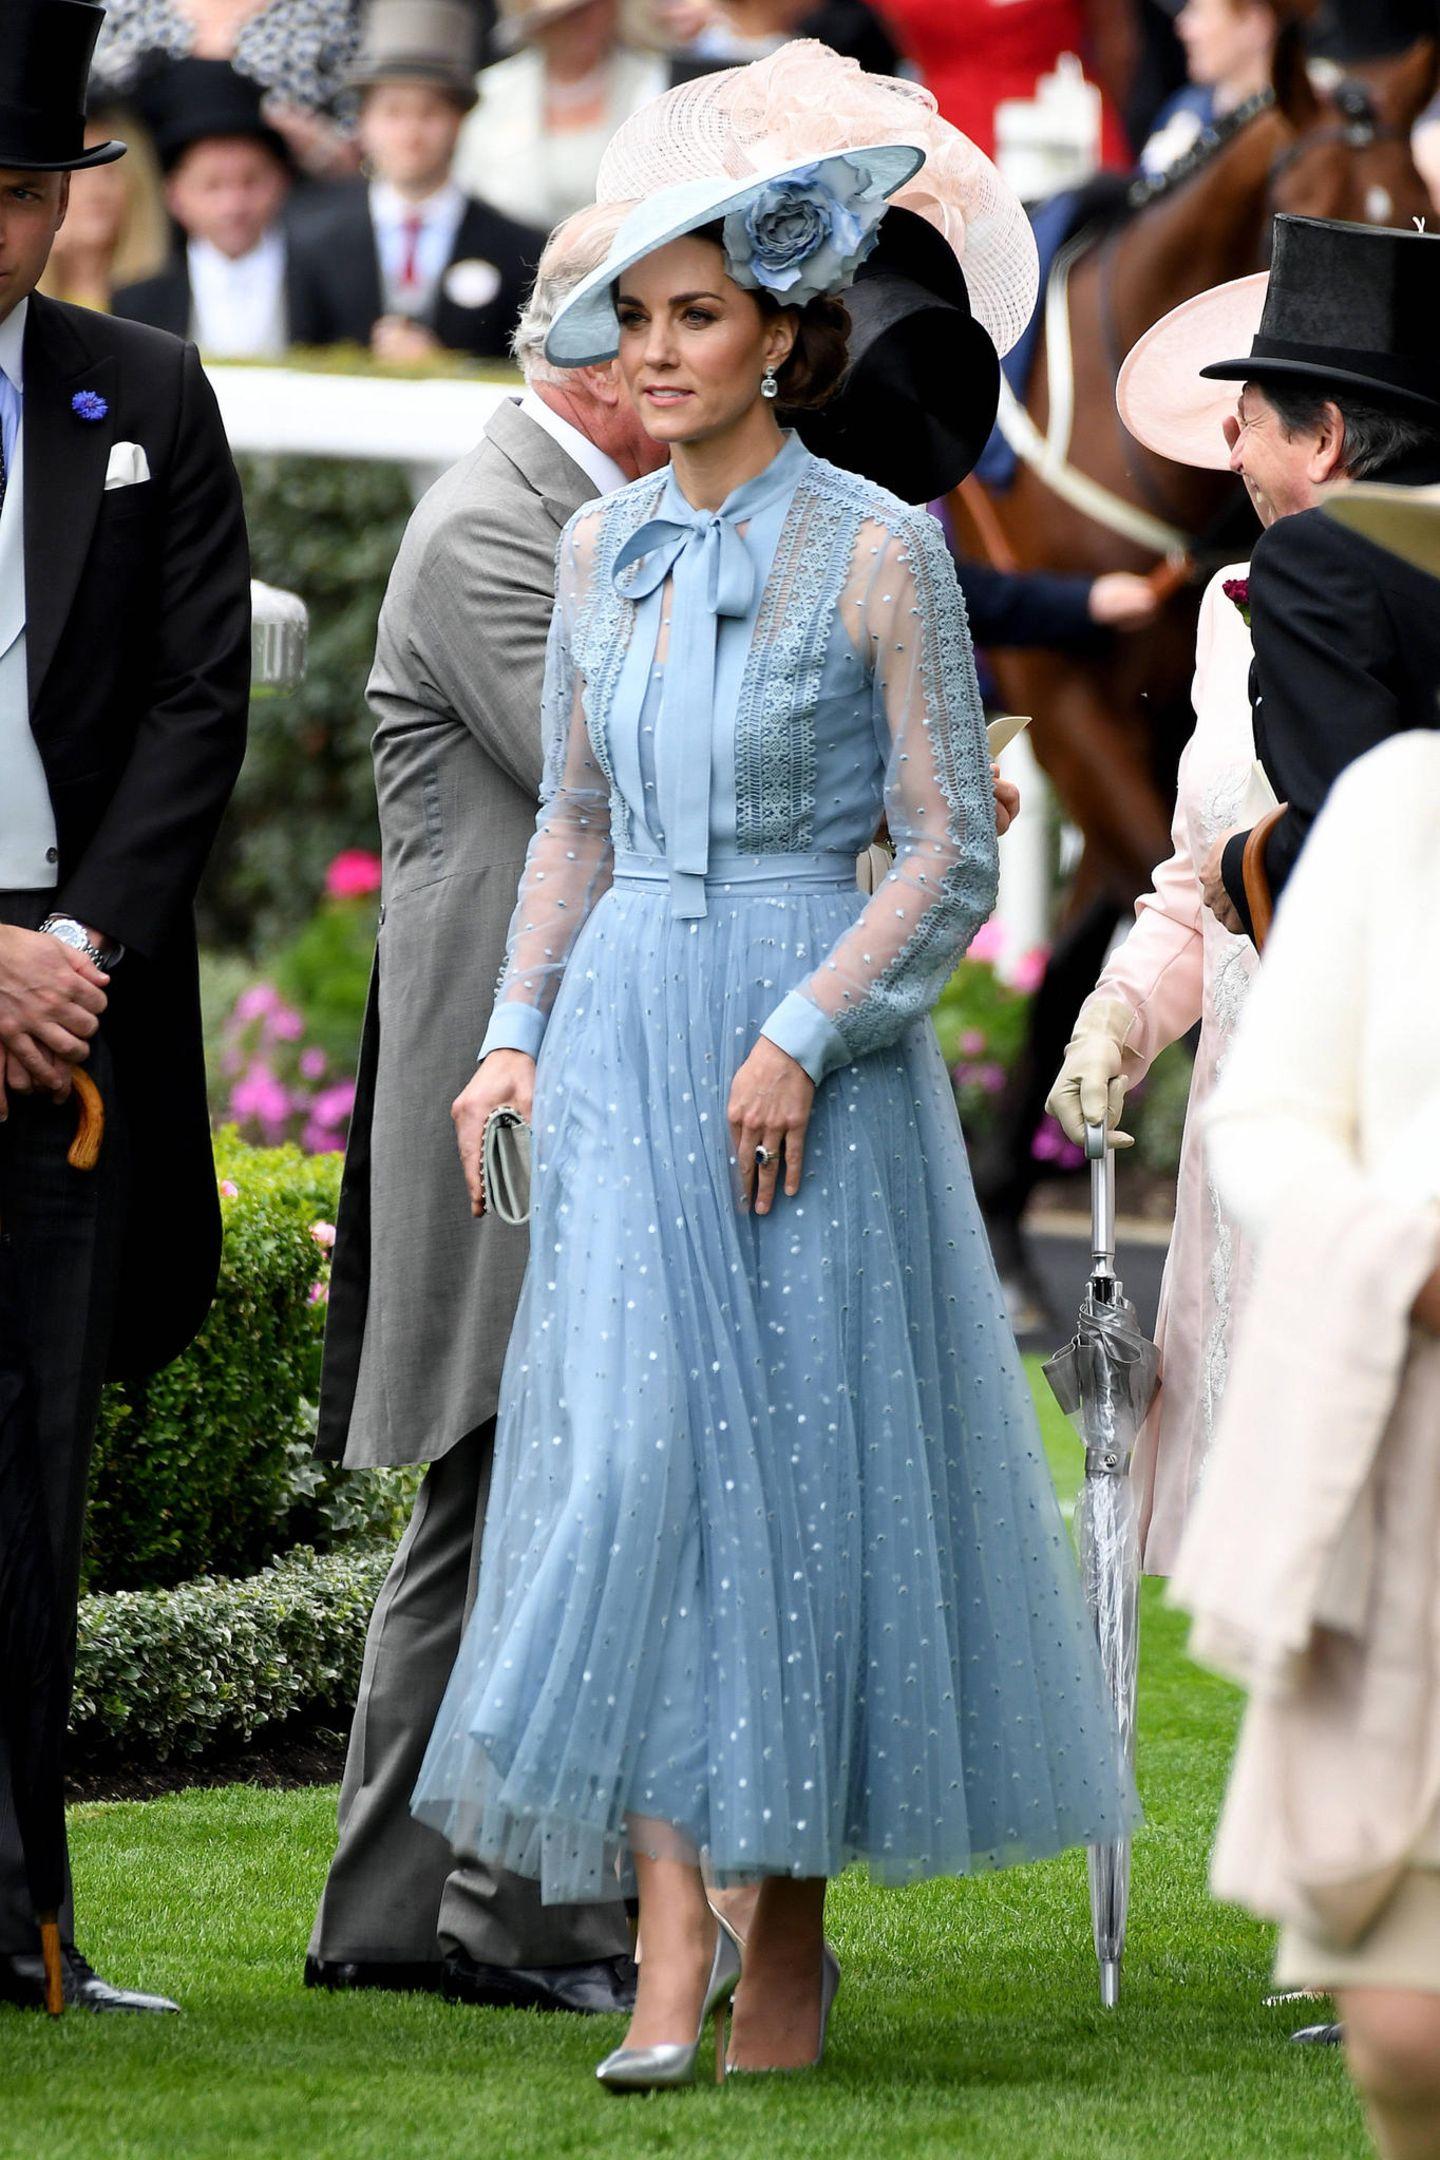 Herzogin Catherine begeistert in einer Kreation aus dem Hause Elie Saab. Ein knöchellanger Tüllrock mit Punkten, ein teils durchsichtiges Oberteil mit Crochet-Einsätzen und eine Schleife machen das Dress zu einem absoluten Hingucker.